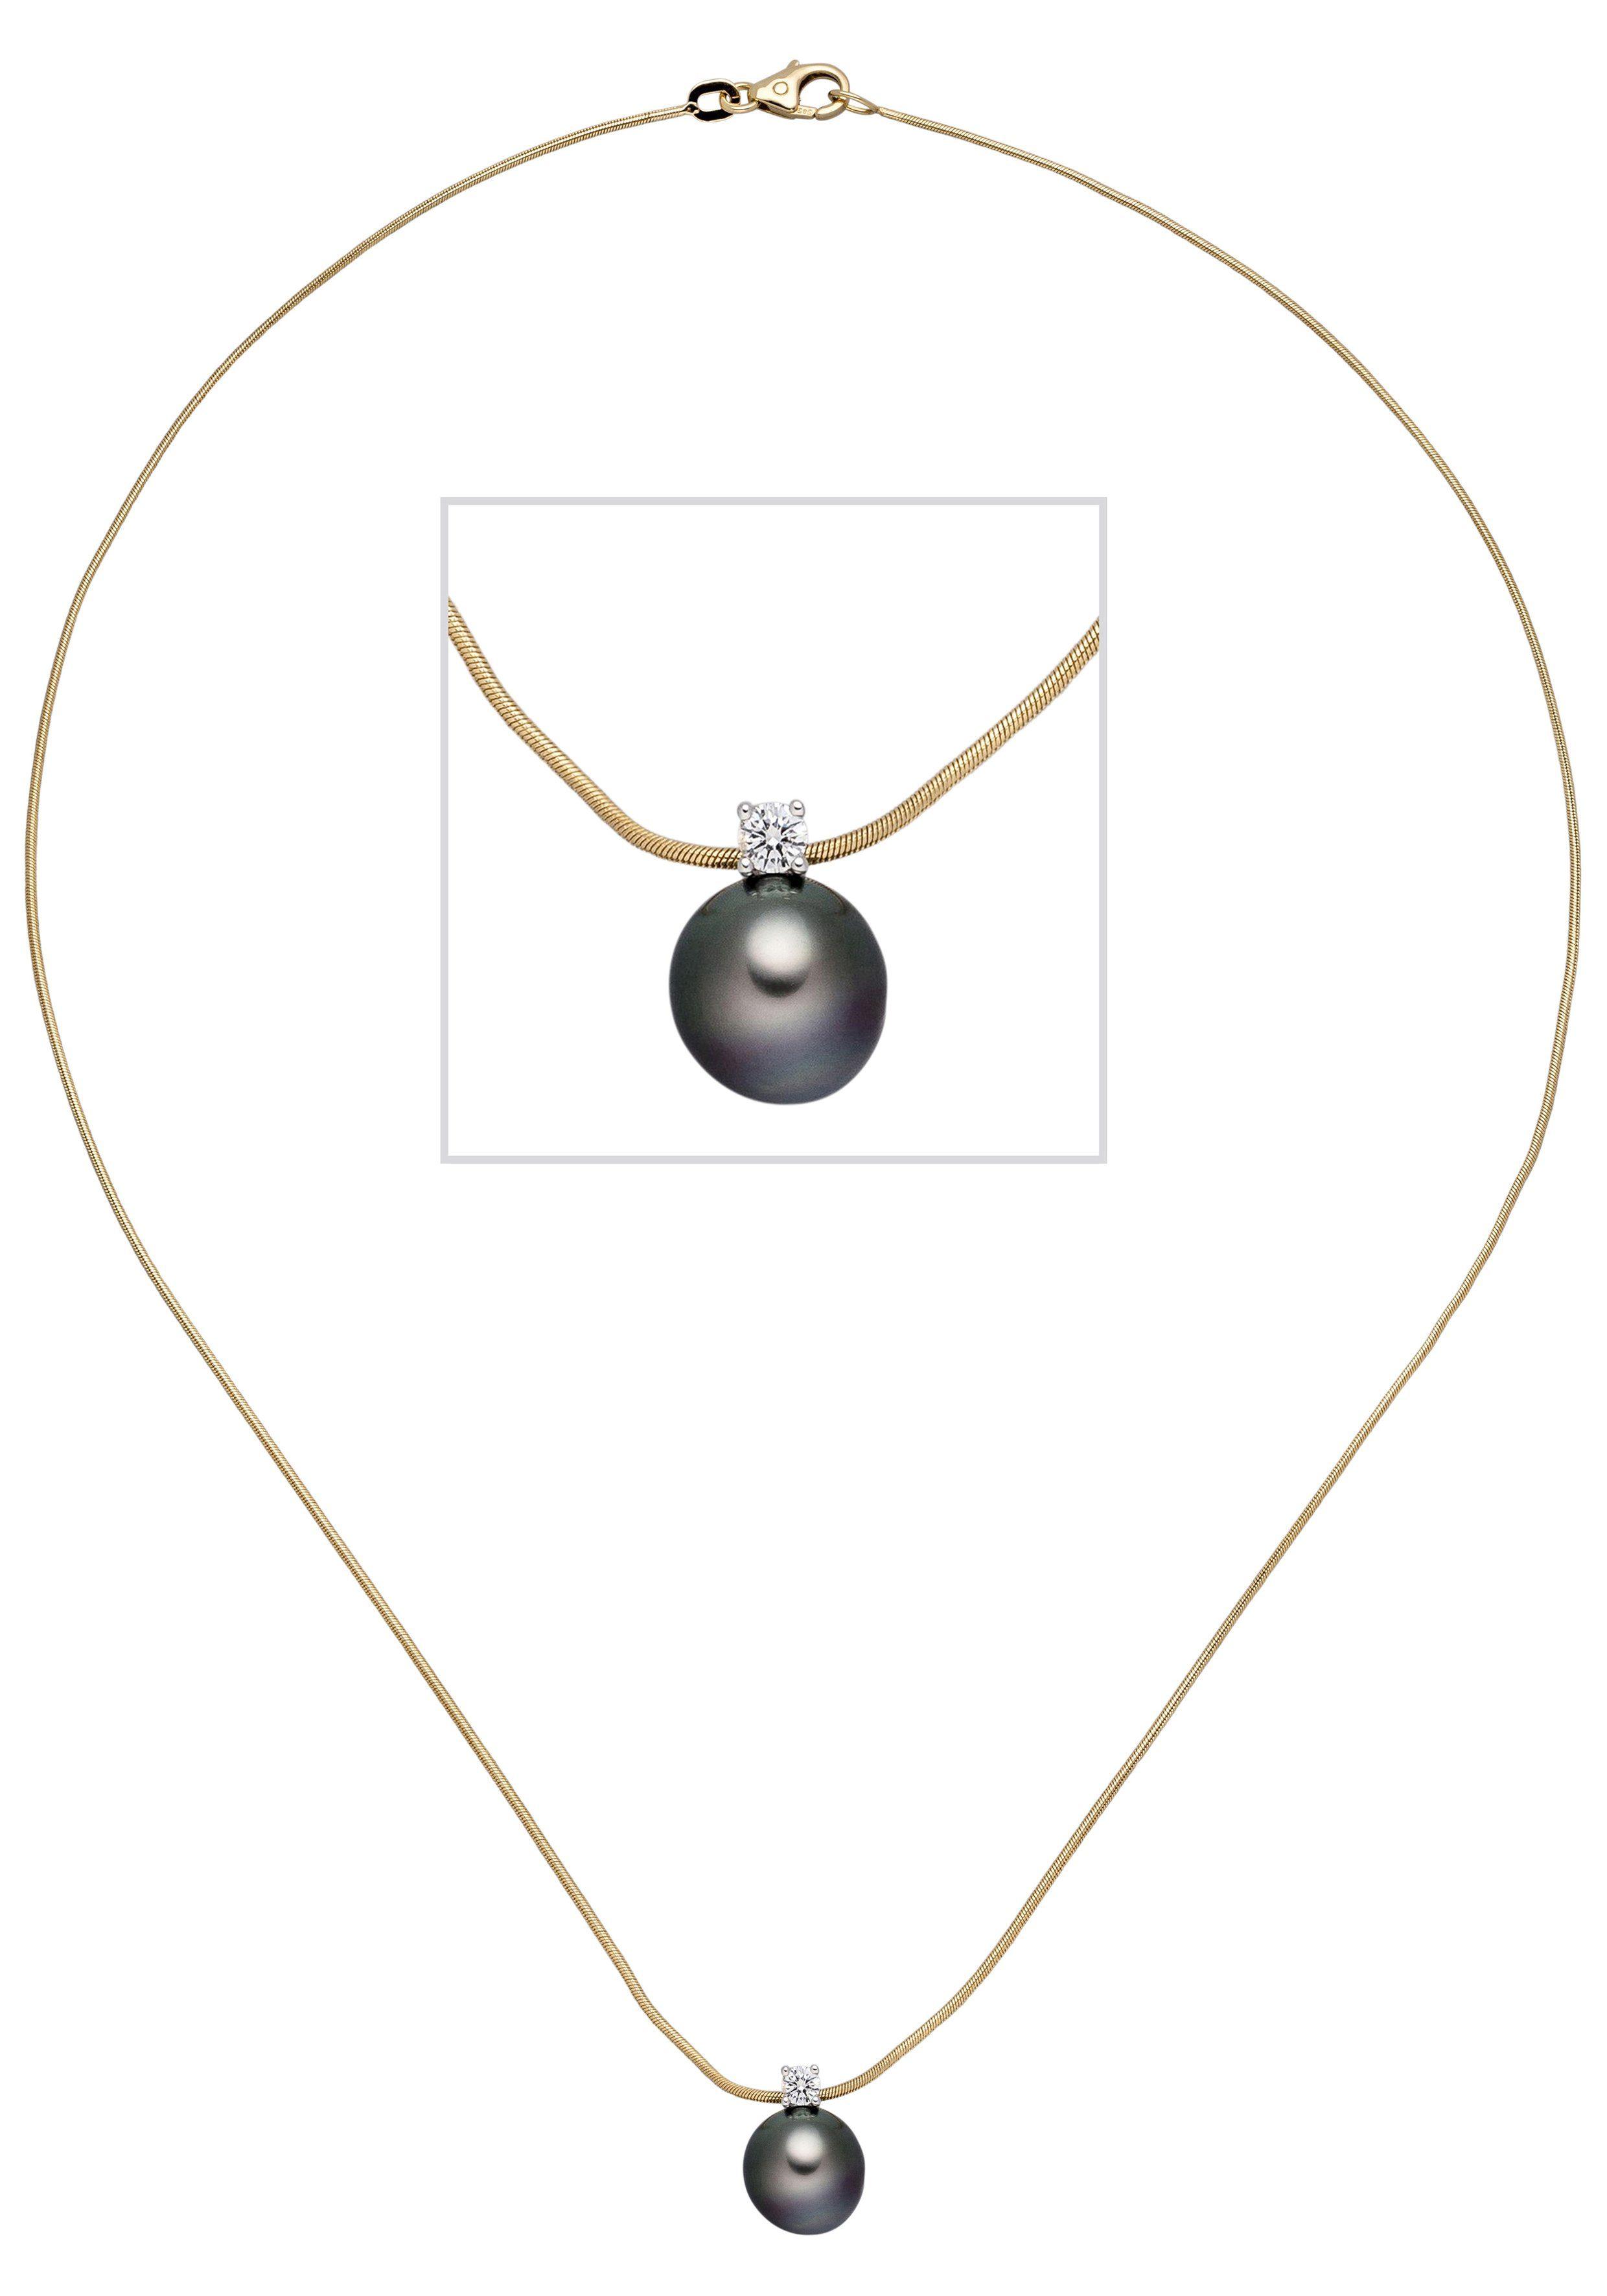 JOBO Kette mit Anhänger 585 Gold mit 1 Diamant und Tahiti-Zuchtperle 42 cm